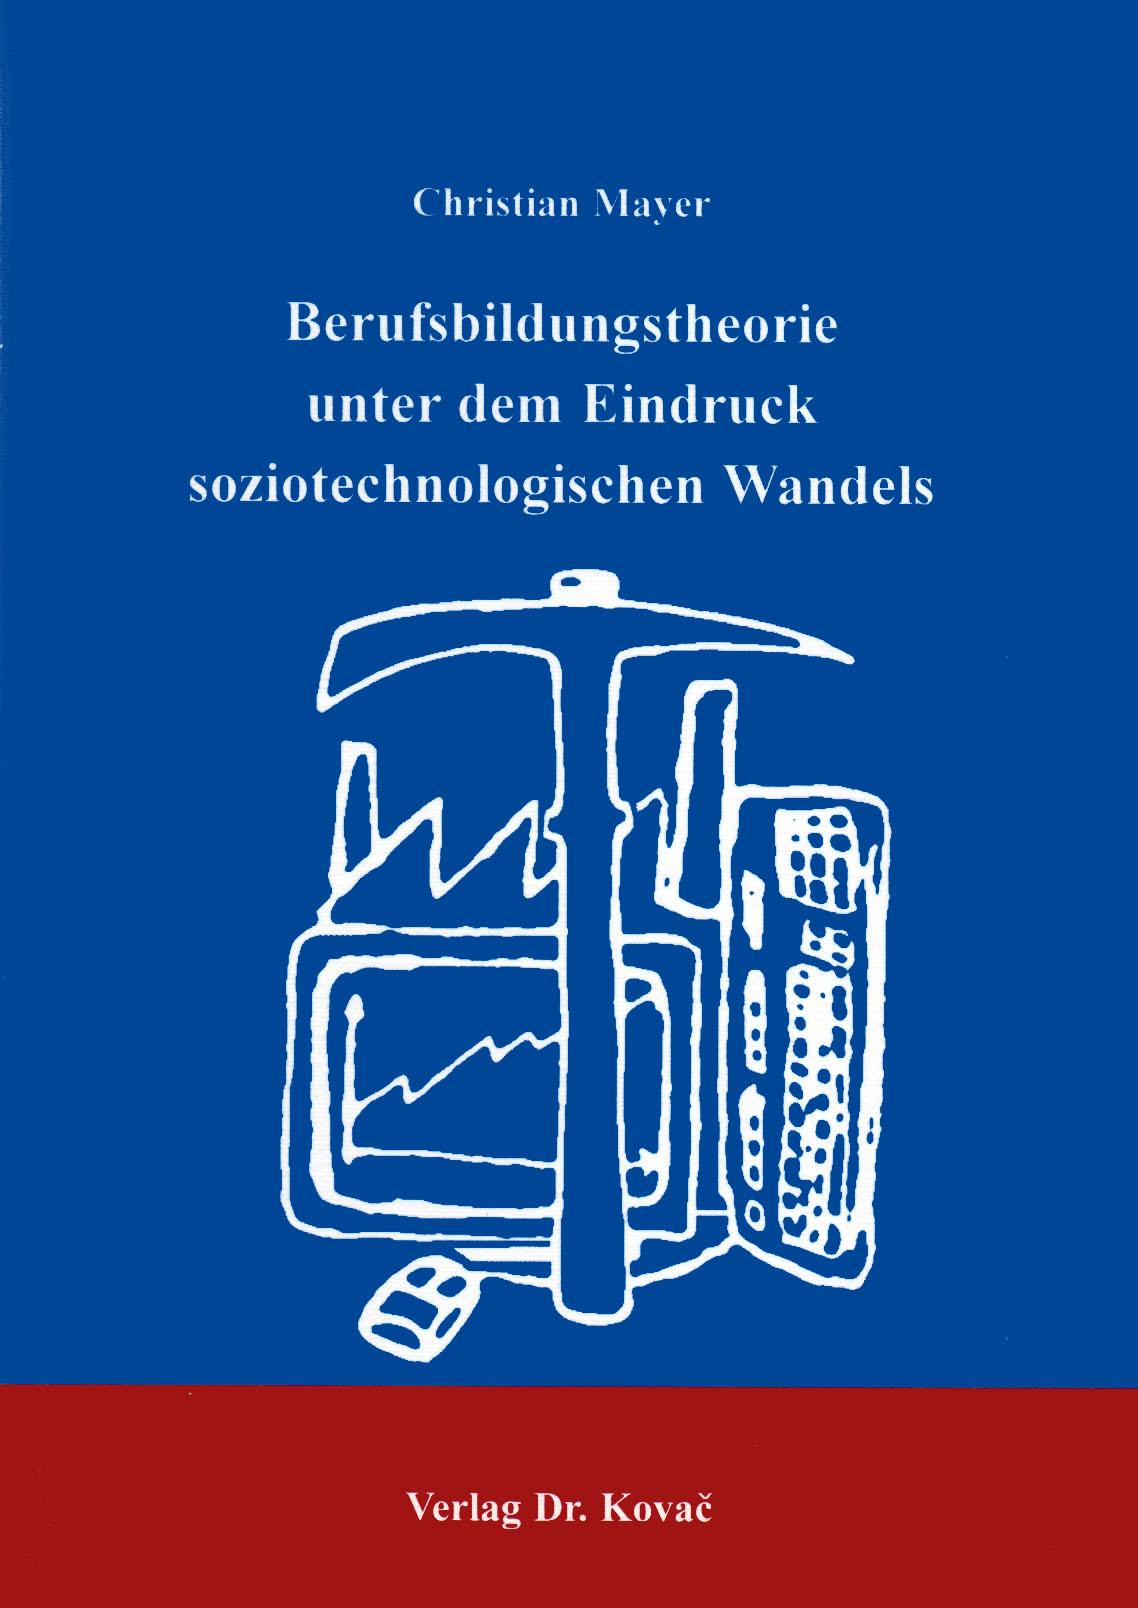 Cover: Berufsbildungstheorie unter dem Eindruck soziotechnologischen Wandels